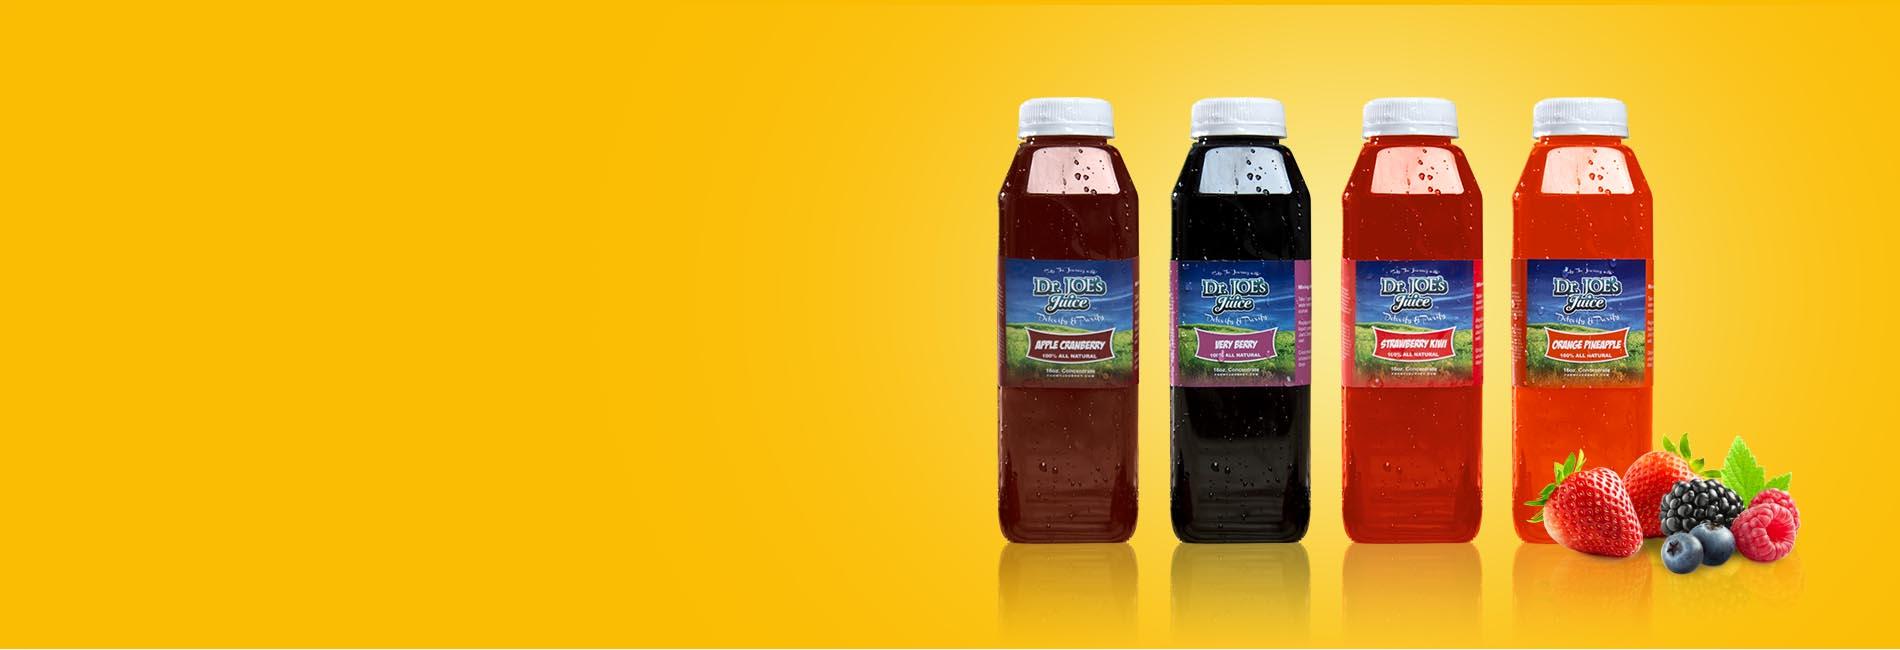 dr-joe-juice-bottles